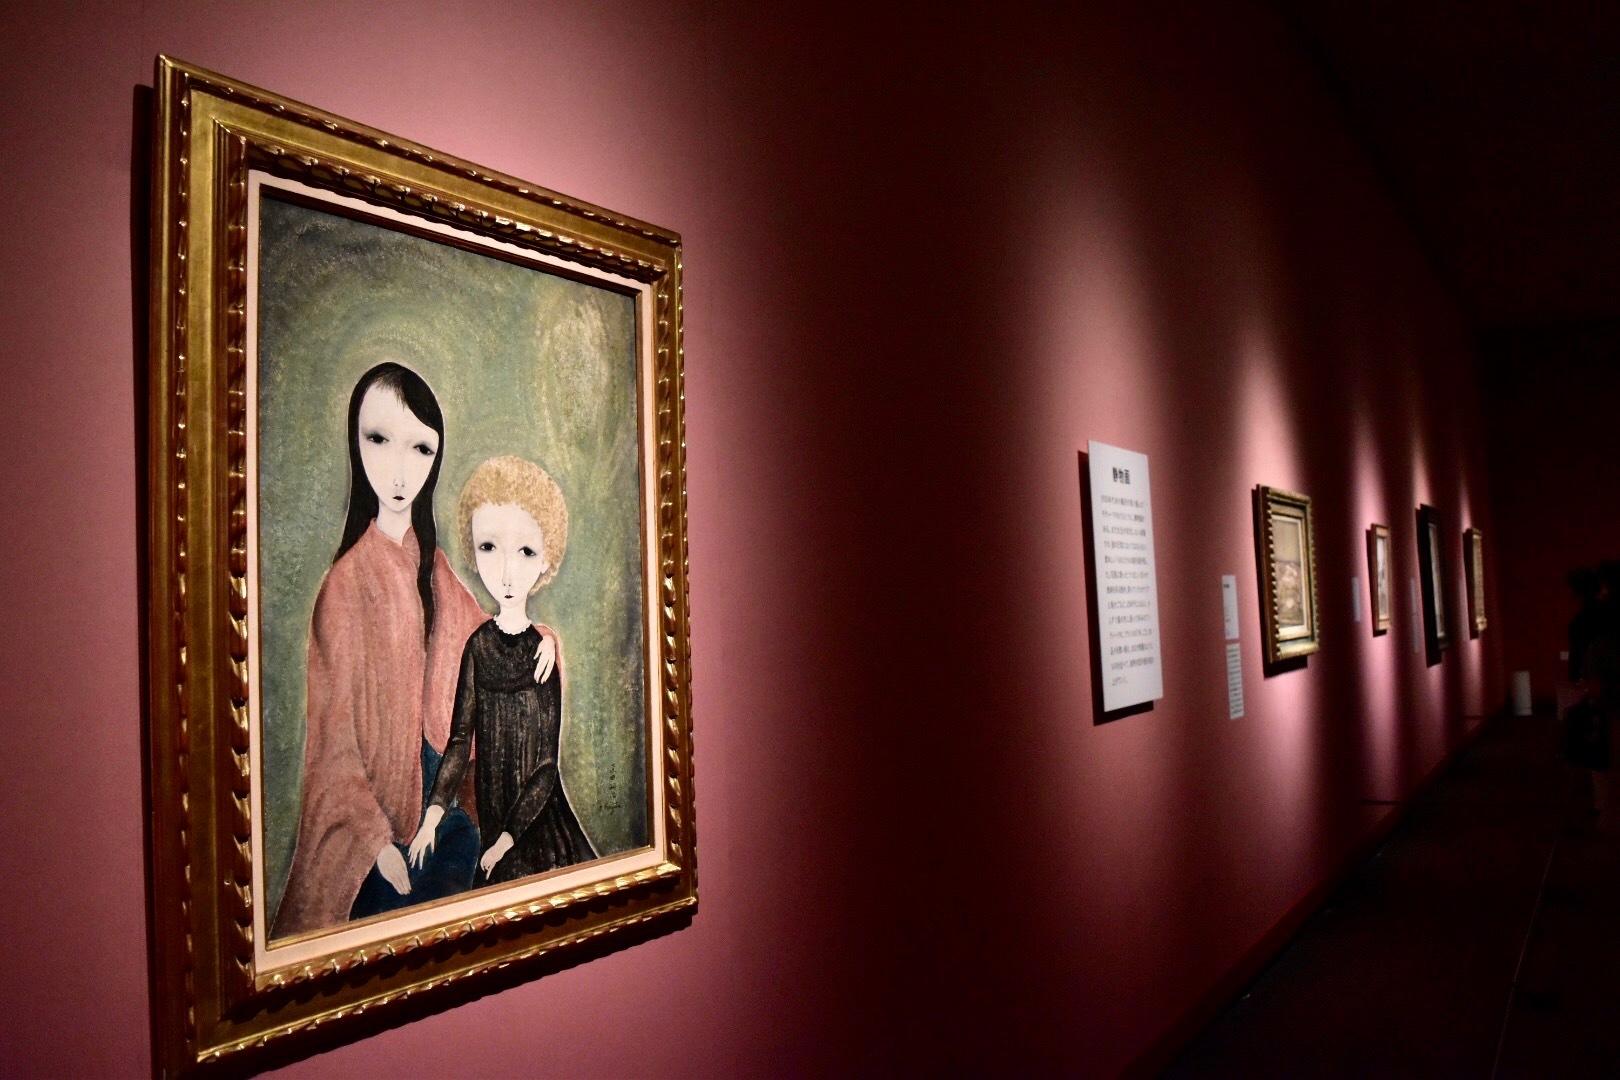 《二人の少女》 1918年 プティ・パレ美術館(スイス・ジュネーヴ)蔵 (C) Foundation Foujita / ADAGP , Paris & JASPAR , Tokyo , 2017 E2833